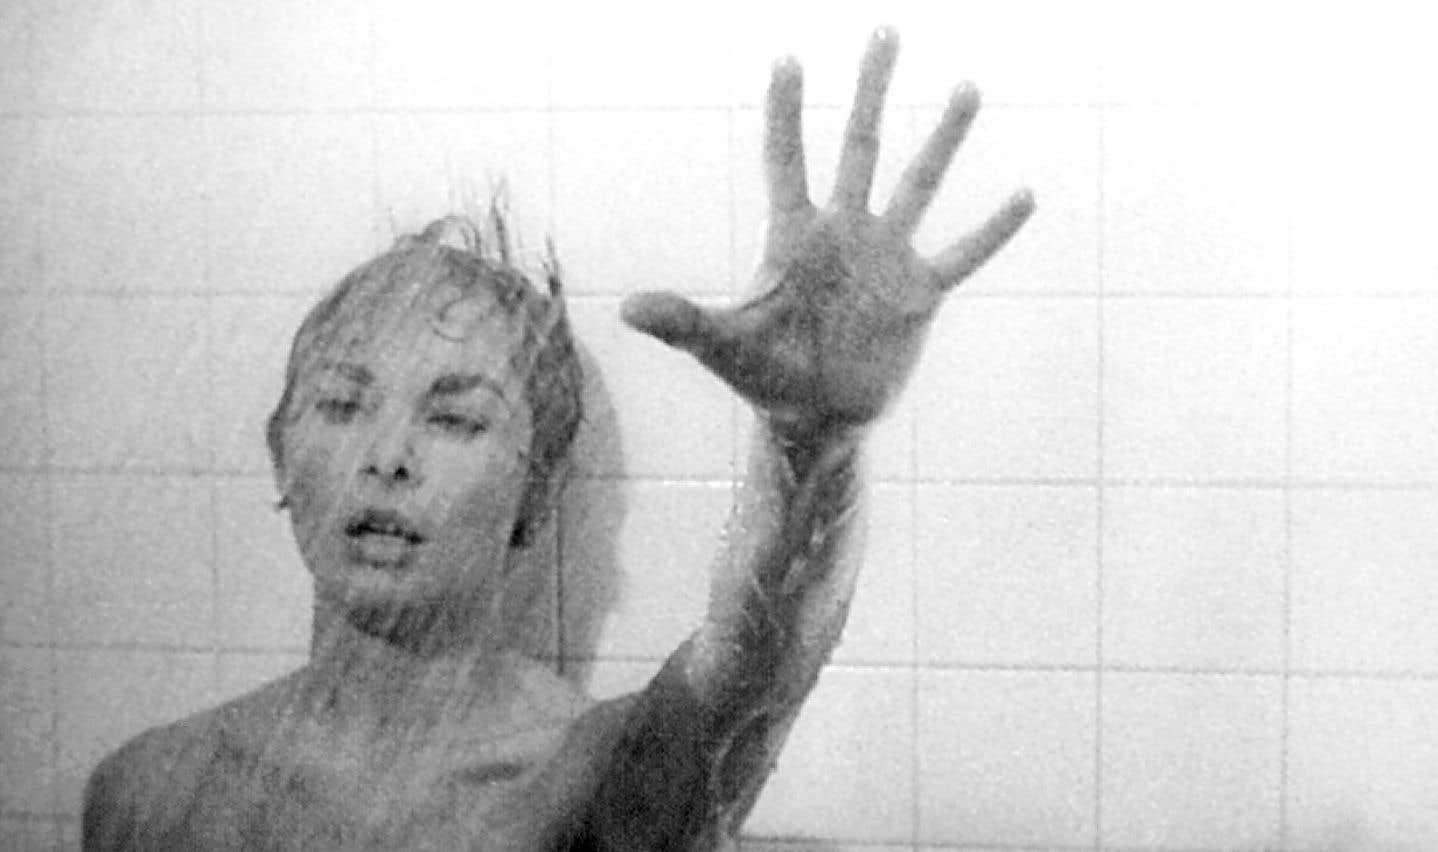 Le célèbre meurtre de la douche de «Psycho» disséqué dans le documentaire «78/52»